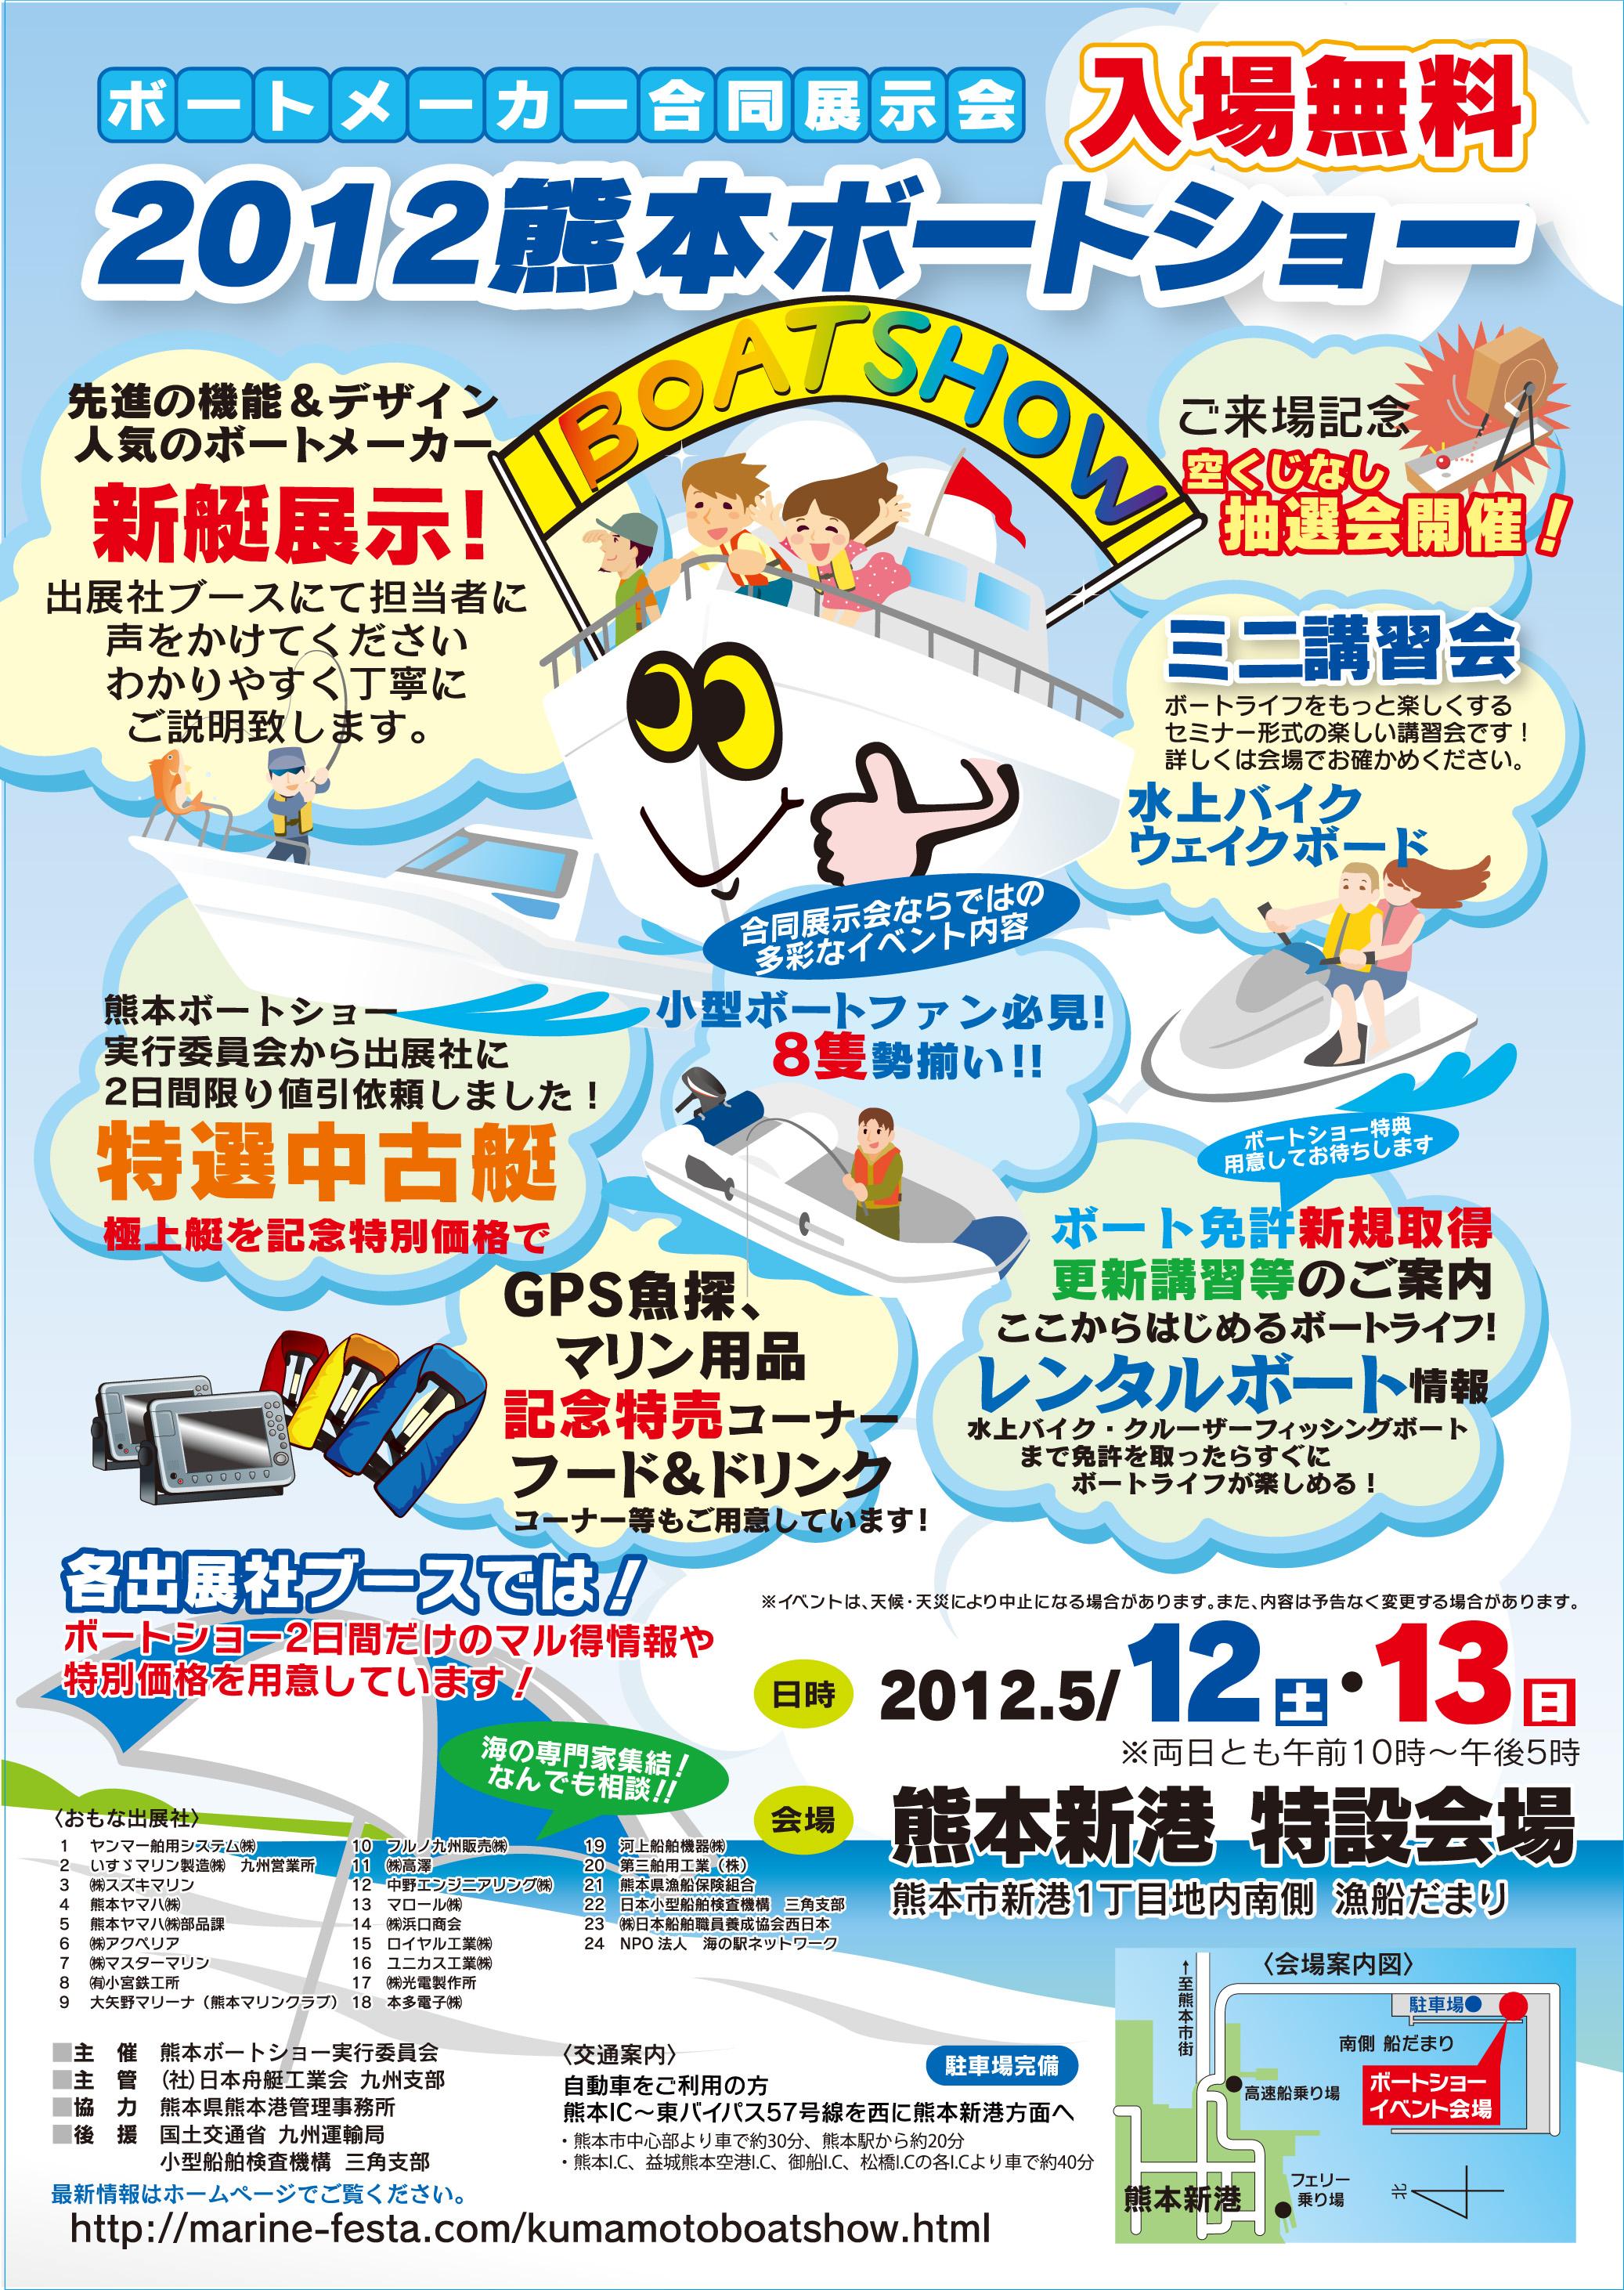 熊本ボートショー開催!